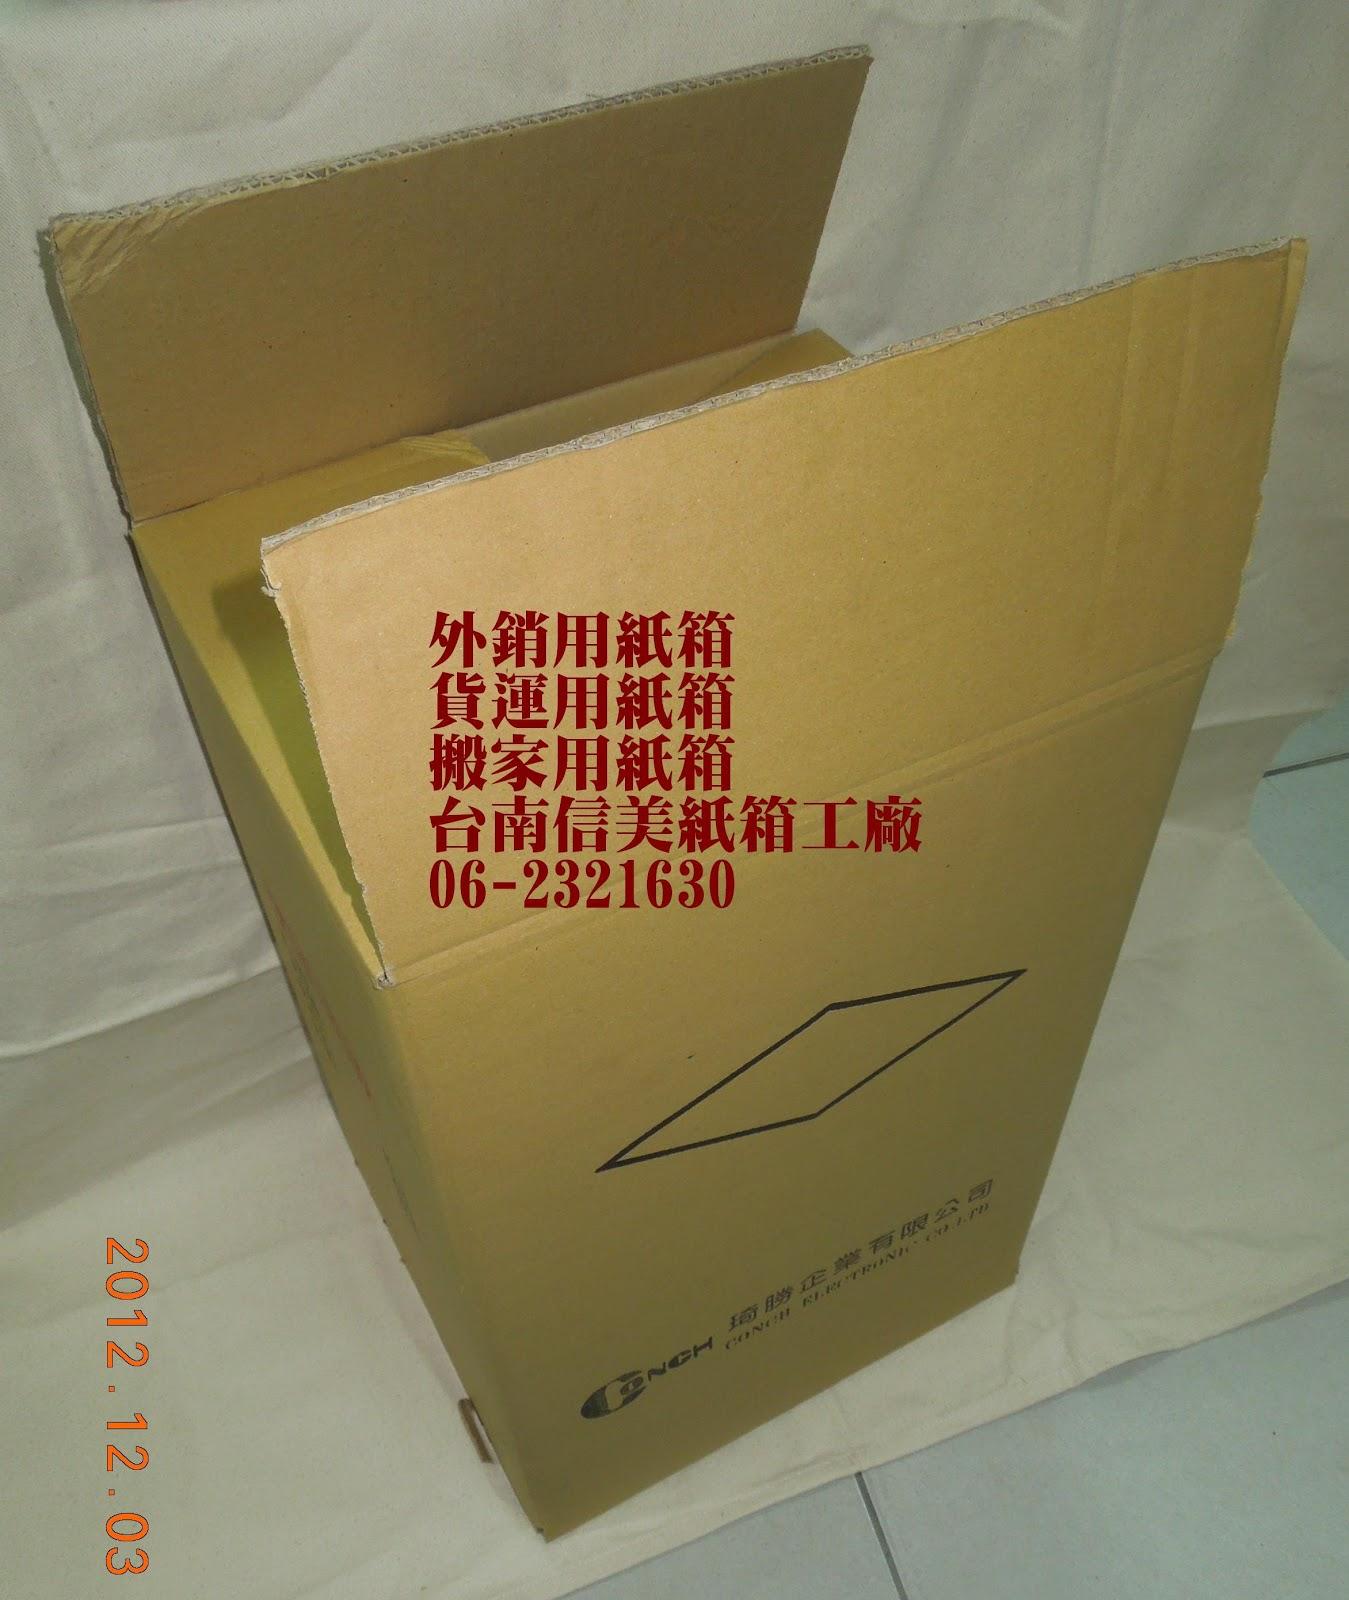 臺南市 紙箱工廠 信美紙器廠: 紙盒工廠 臺南信美紙箱工廠